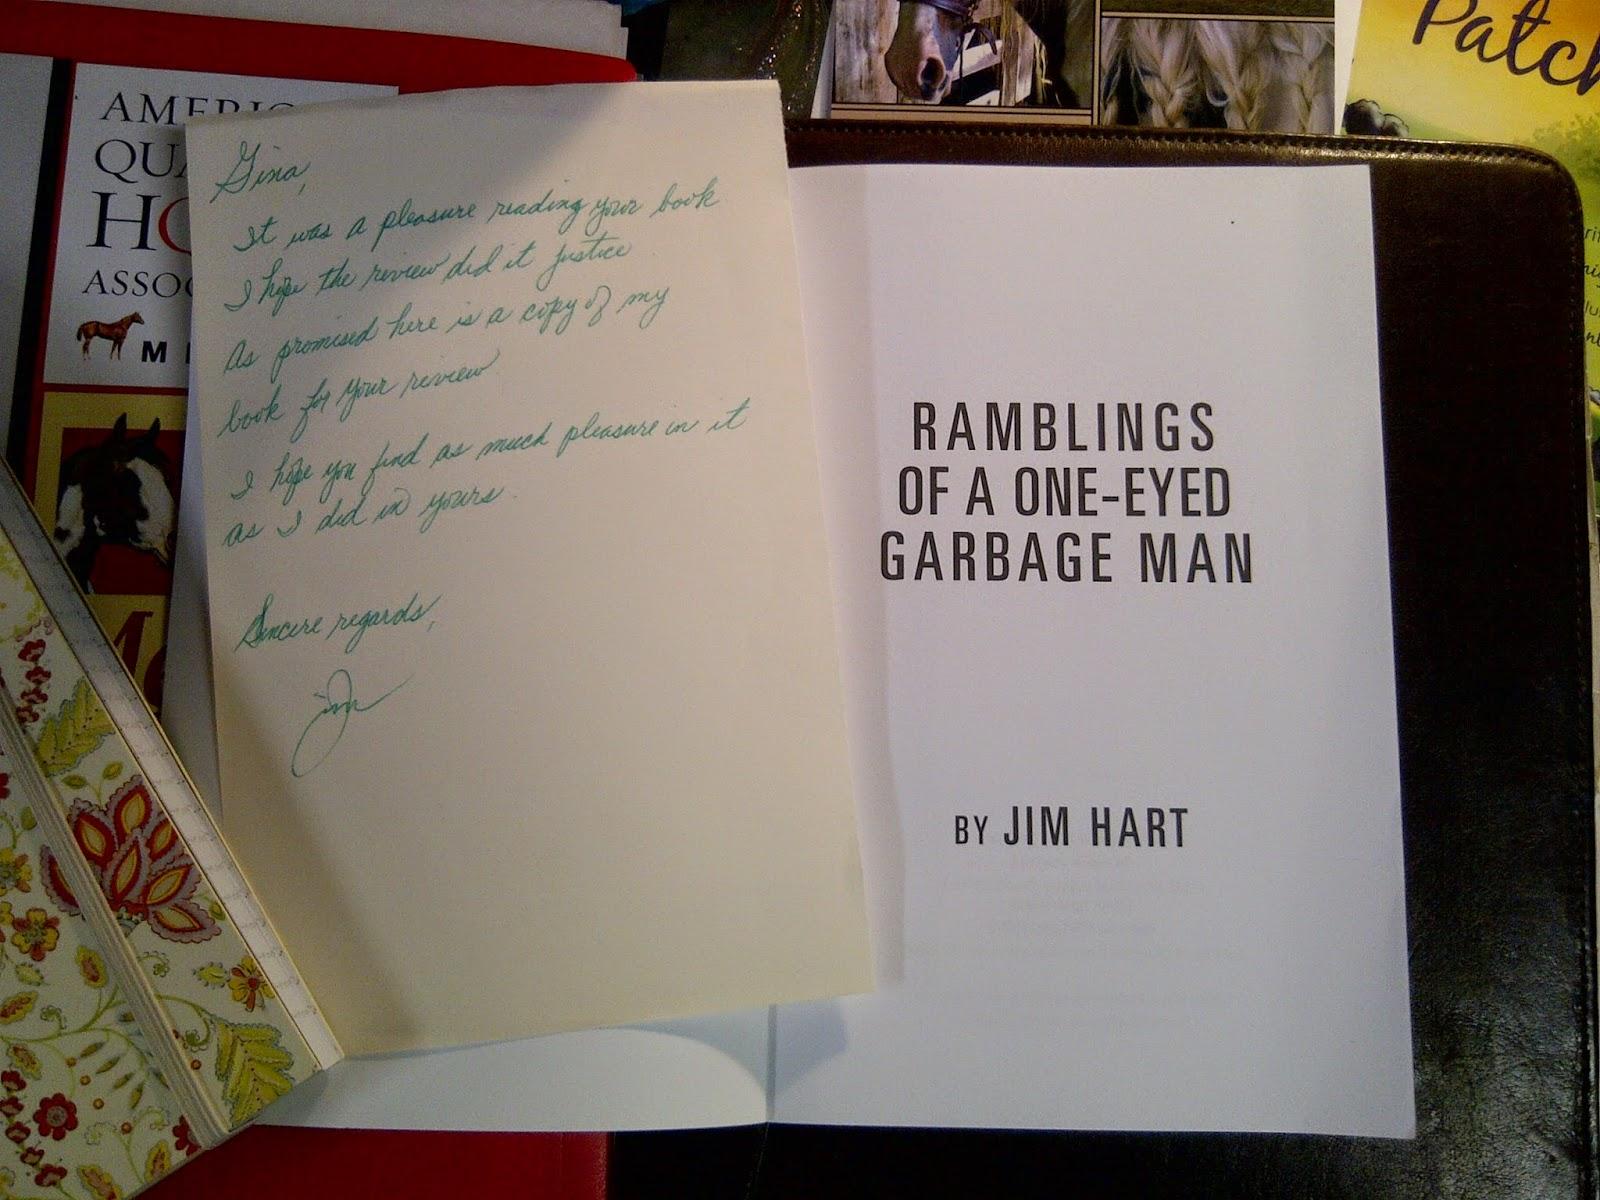 Ramblings of a One-Eyed Garbage Man